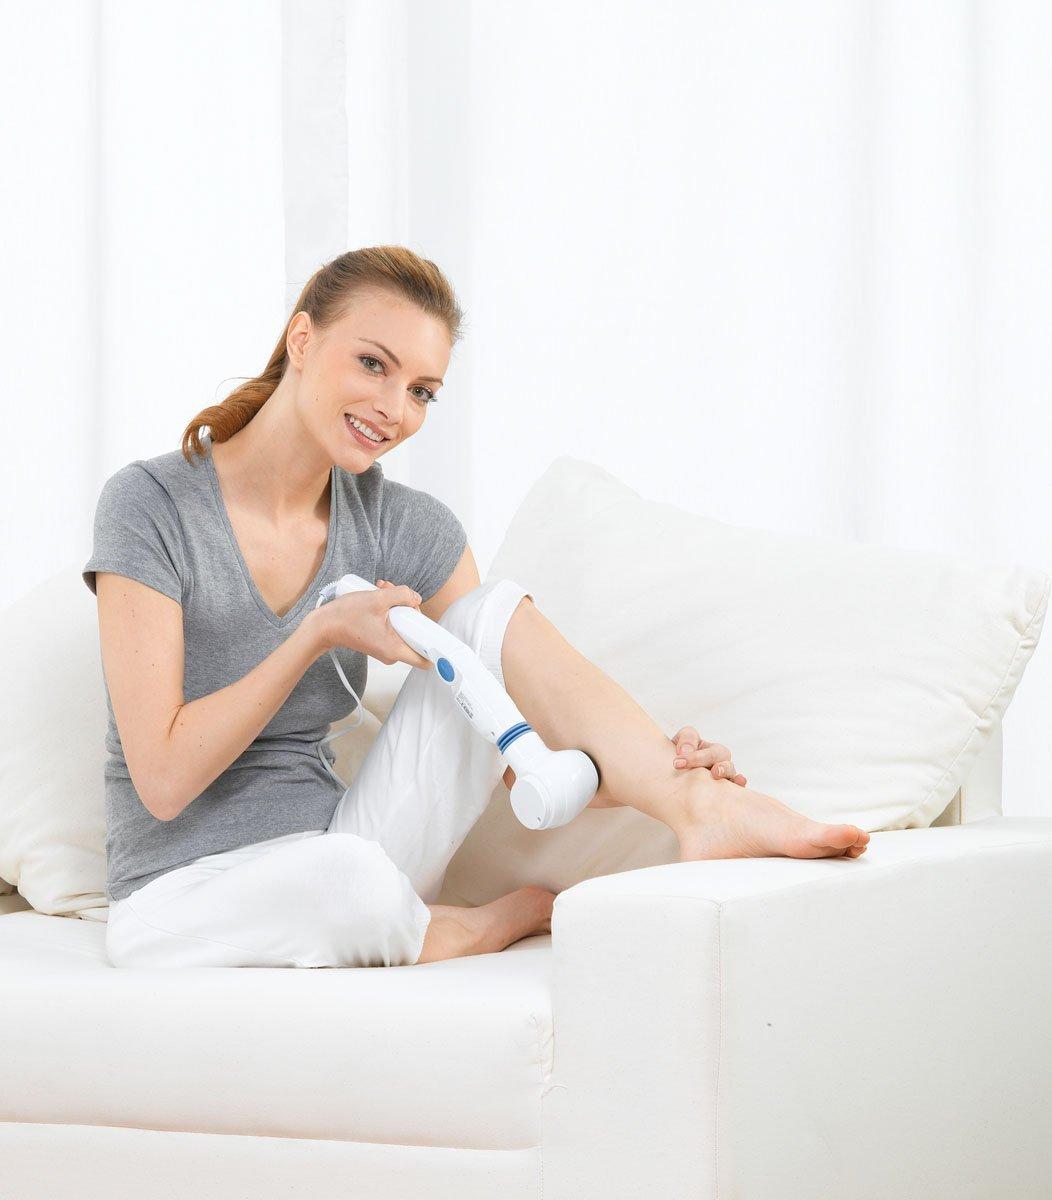 Top 5 Máy massage cầm tay tốt nhất, giá rẻ và dễ sử dụng 2